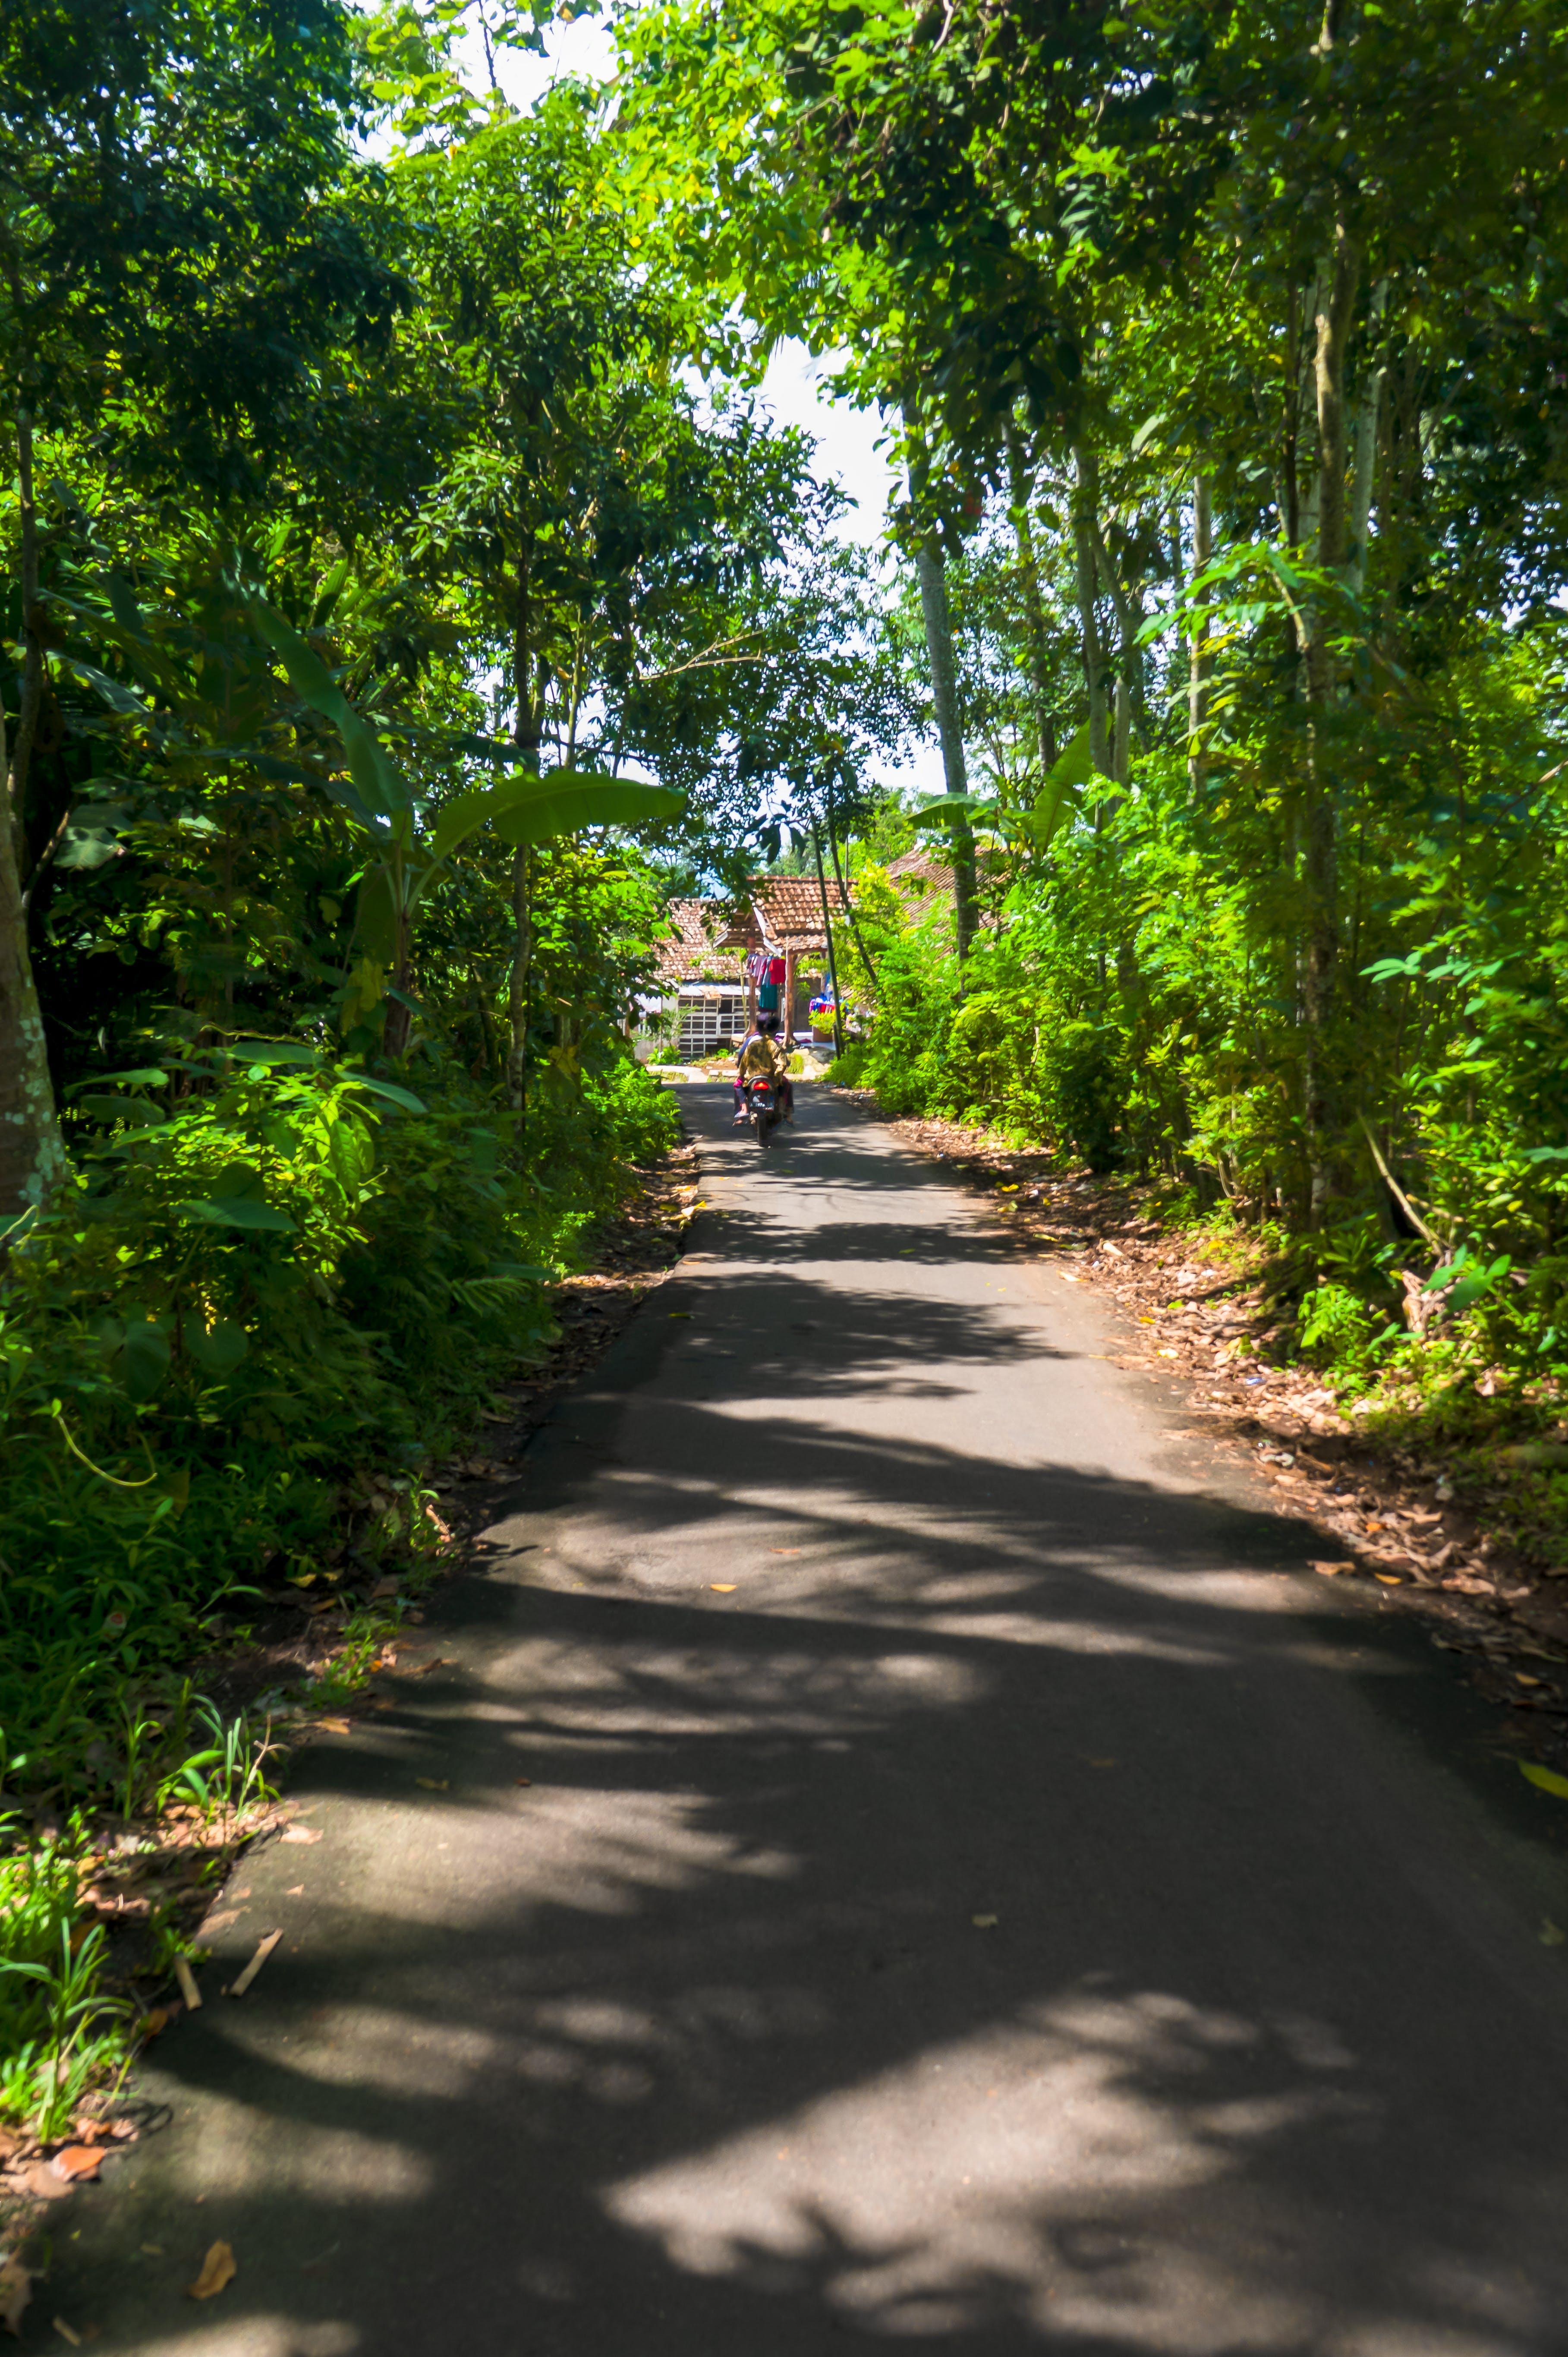 小径, 木, 植物, 道路の無料の写真素材